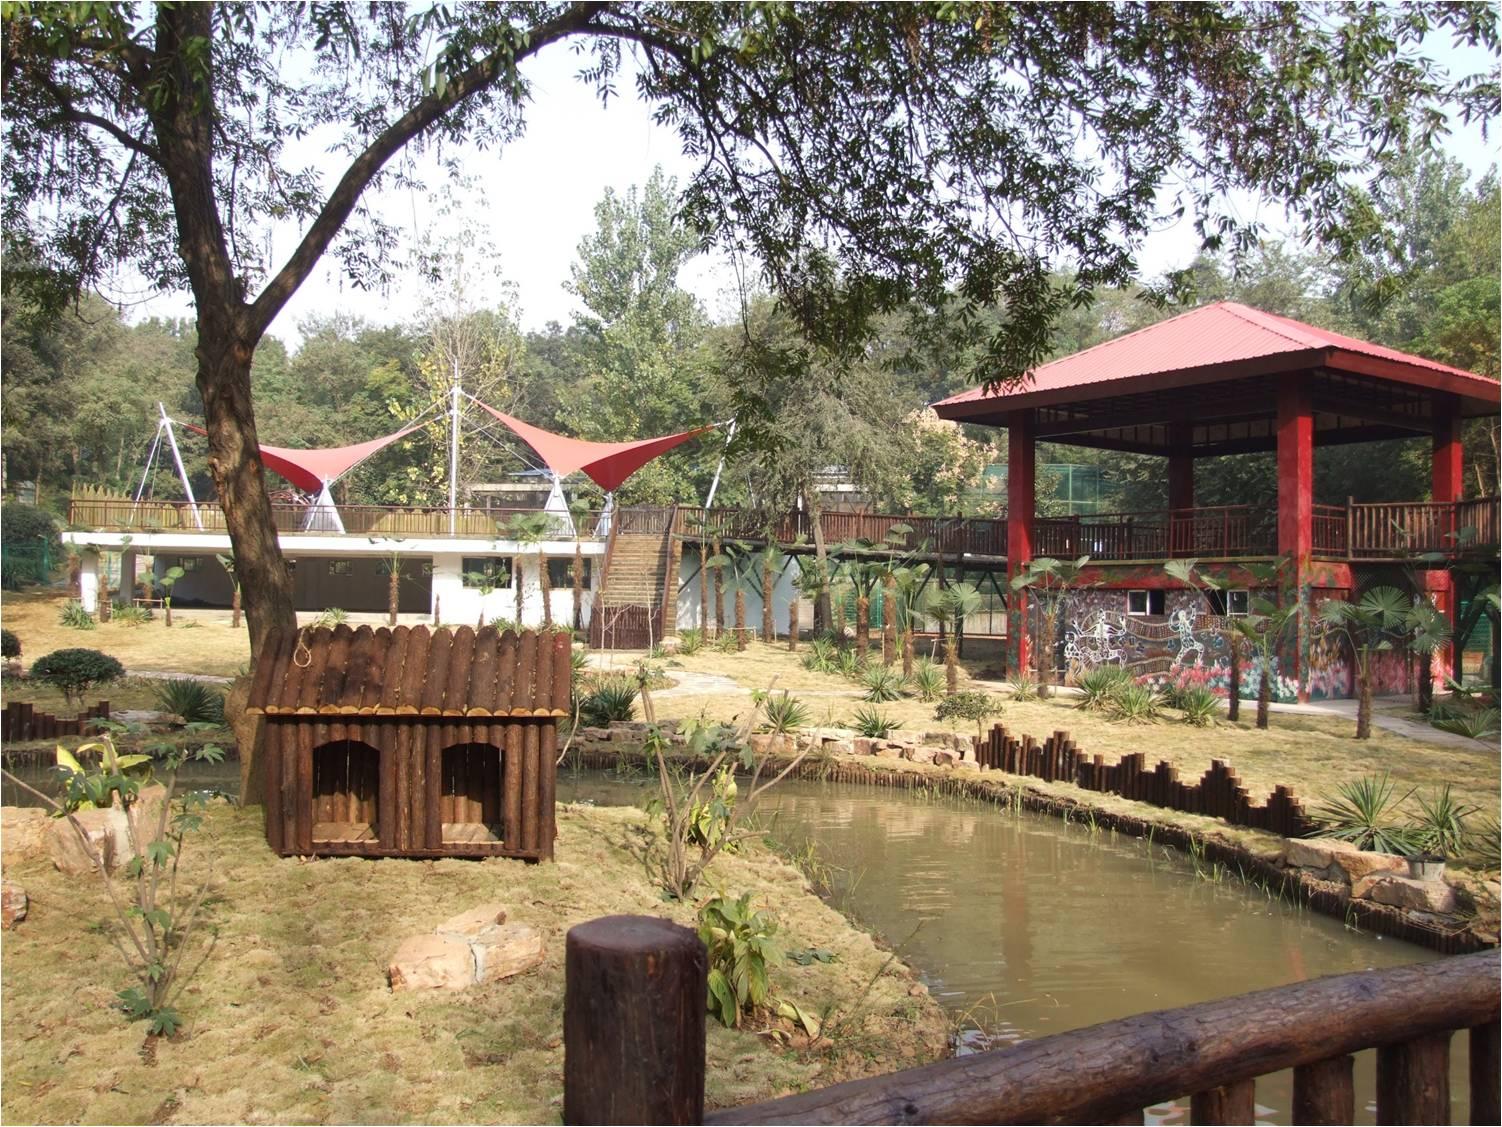 改造后的澳洲动物区 南京红山森林动物园 图